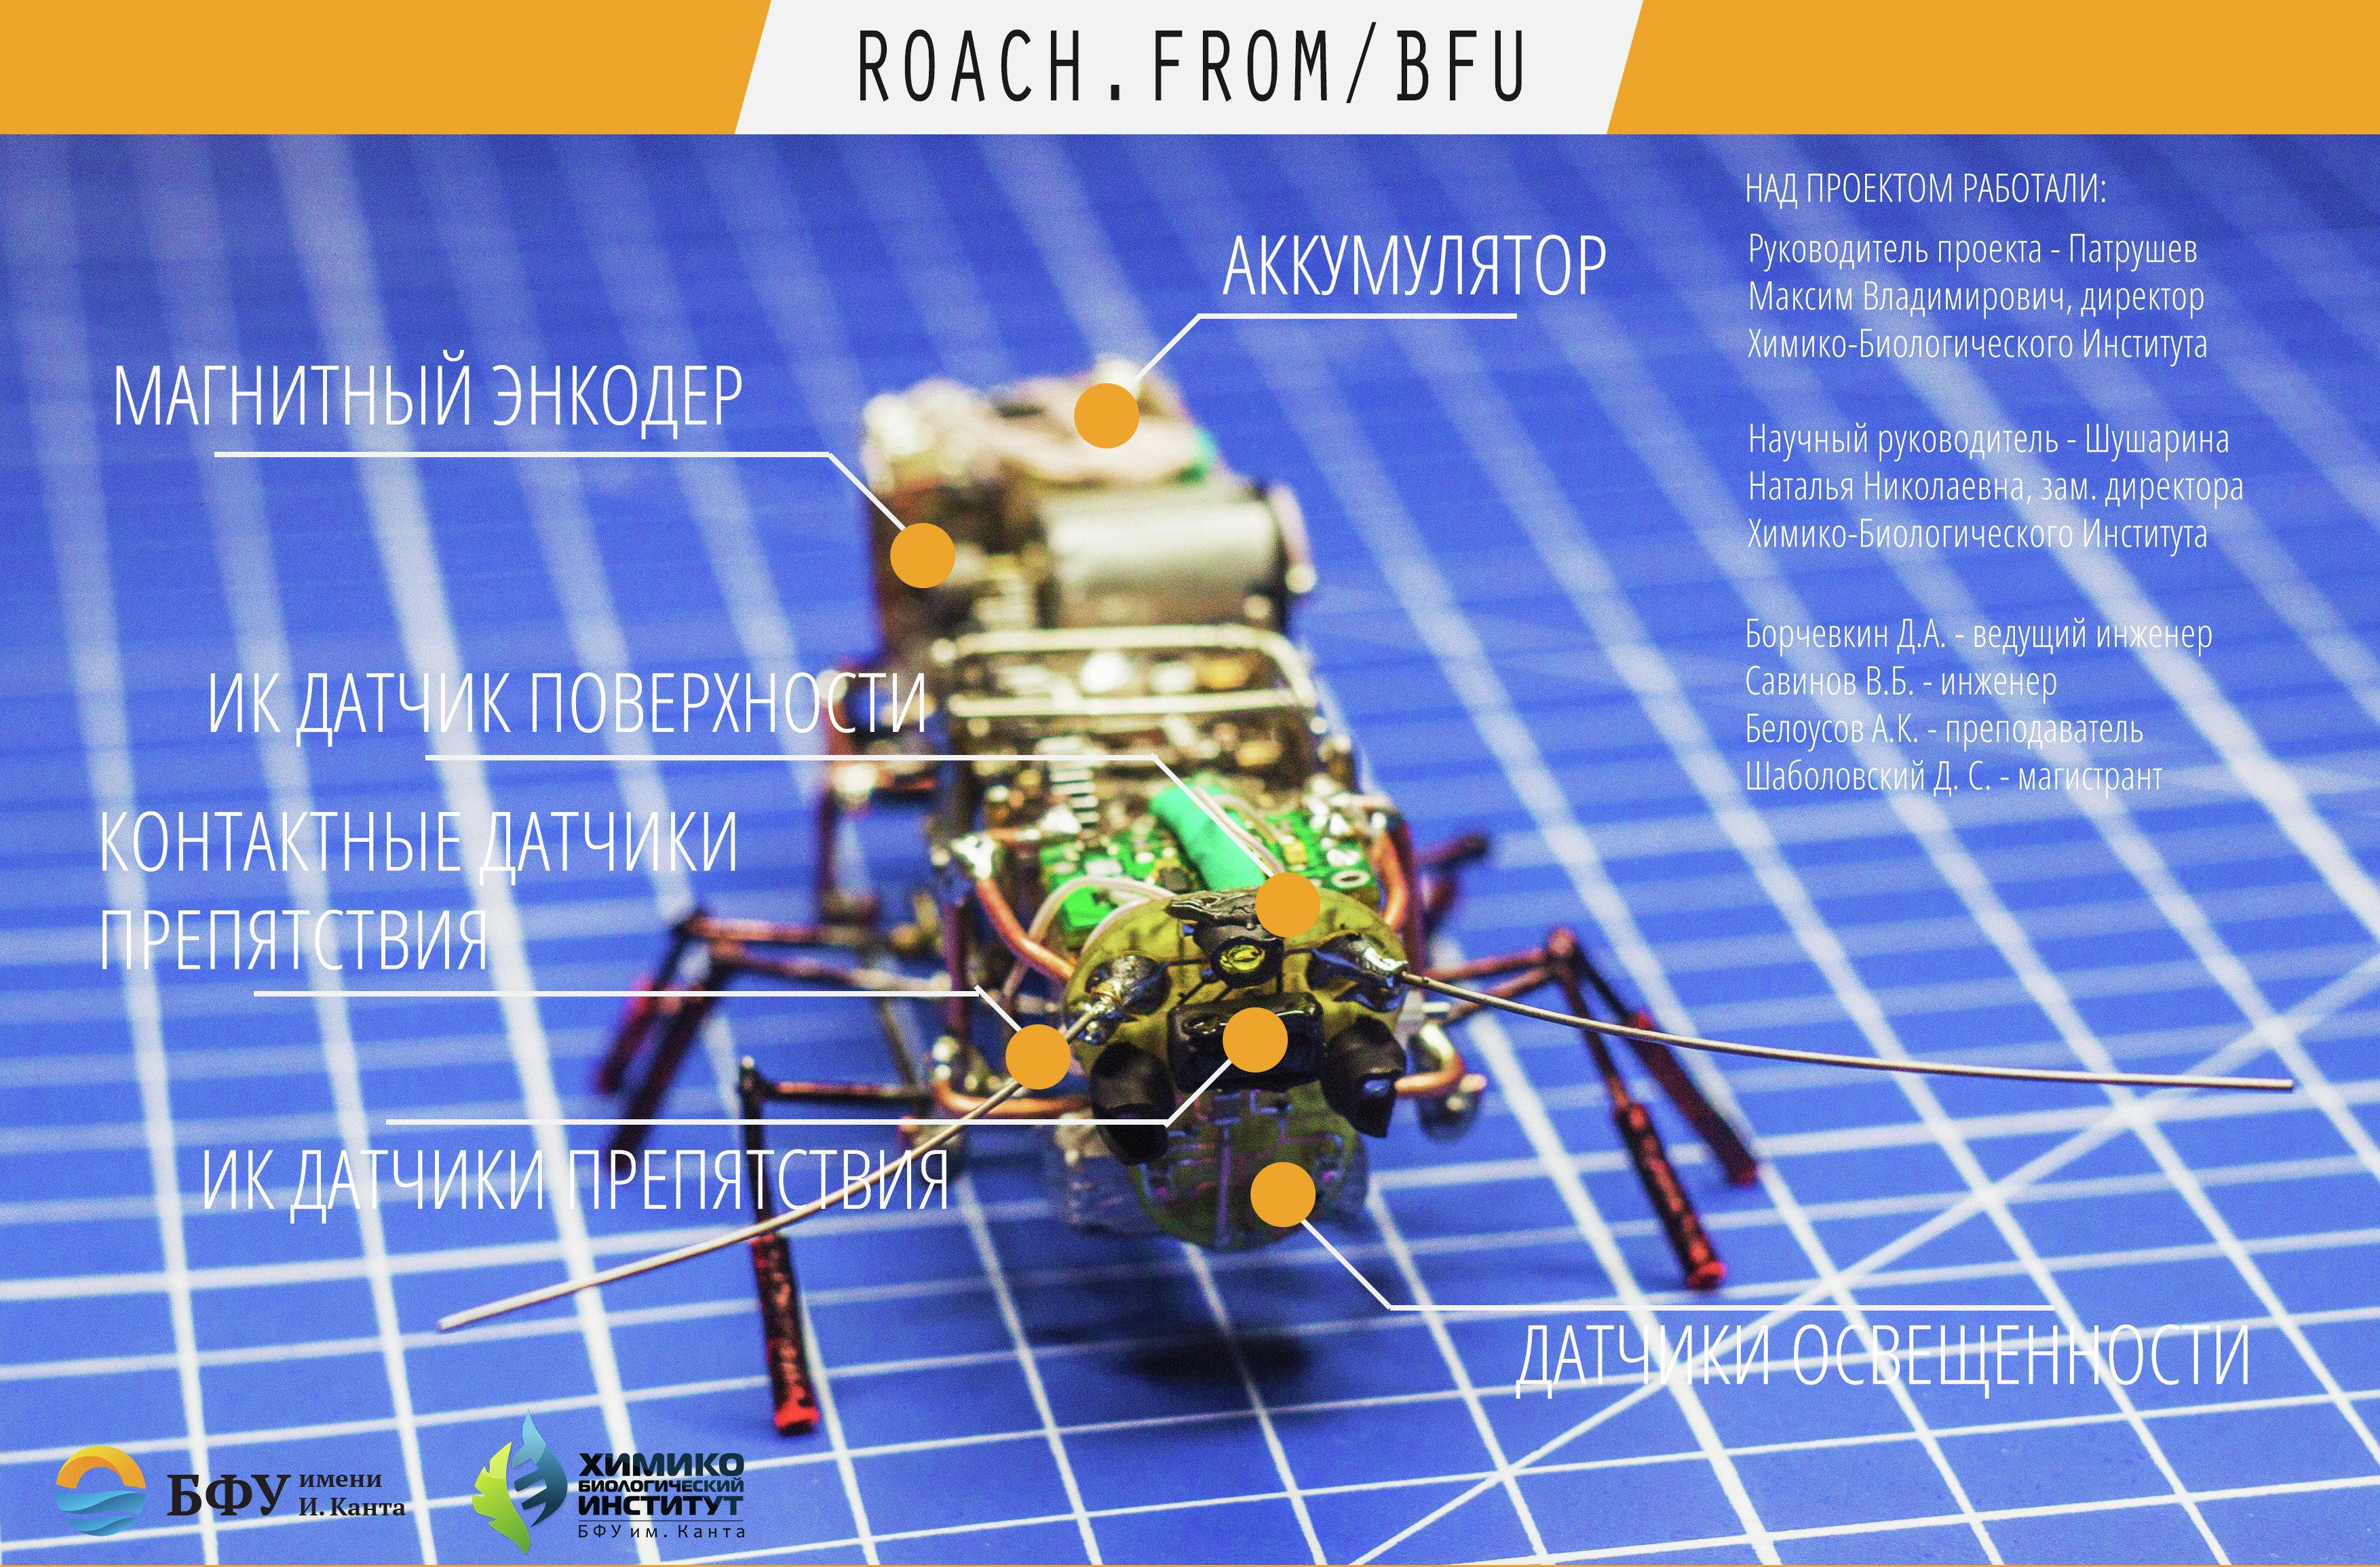 Une affiche du projet Robot-cafard